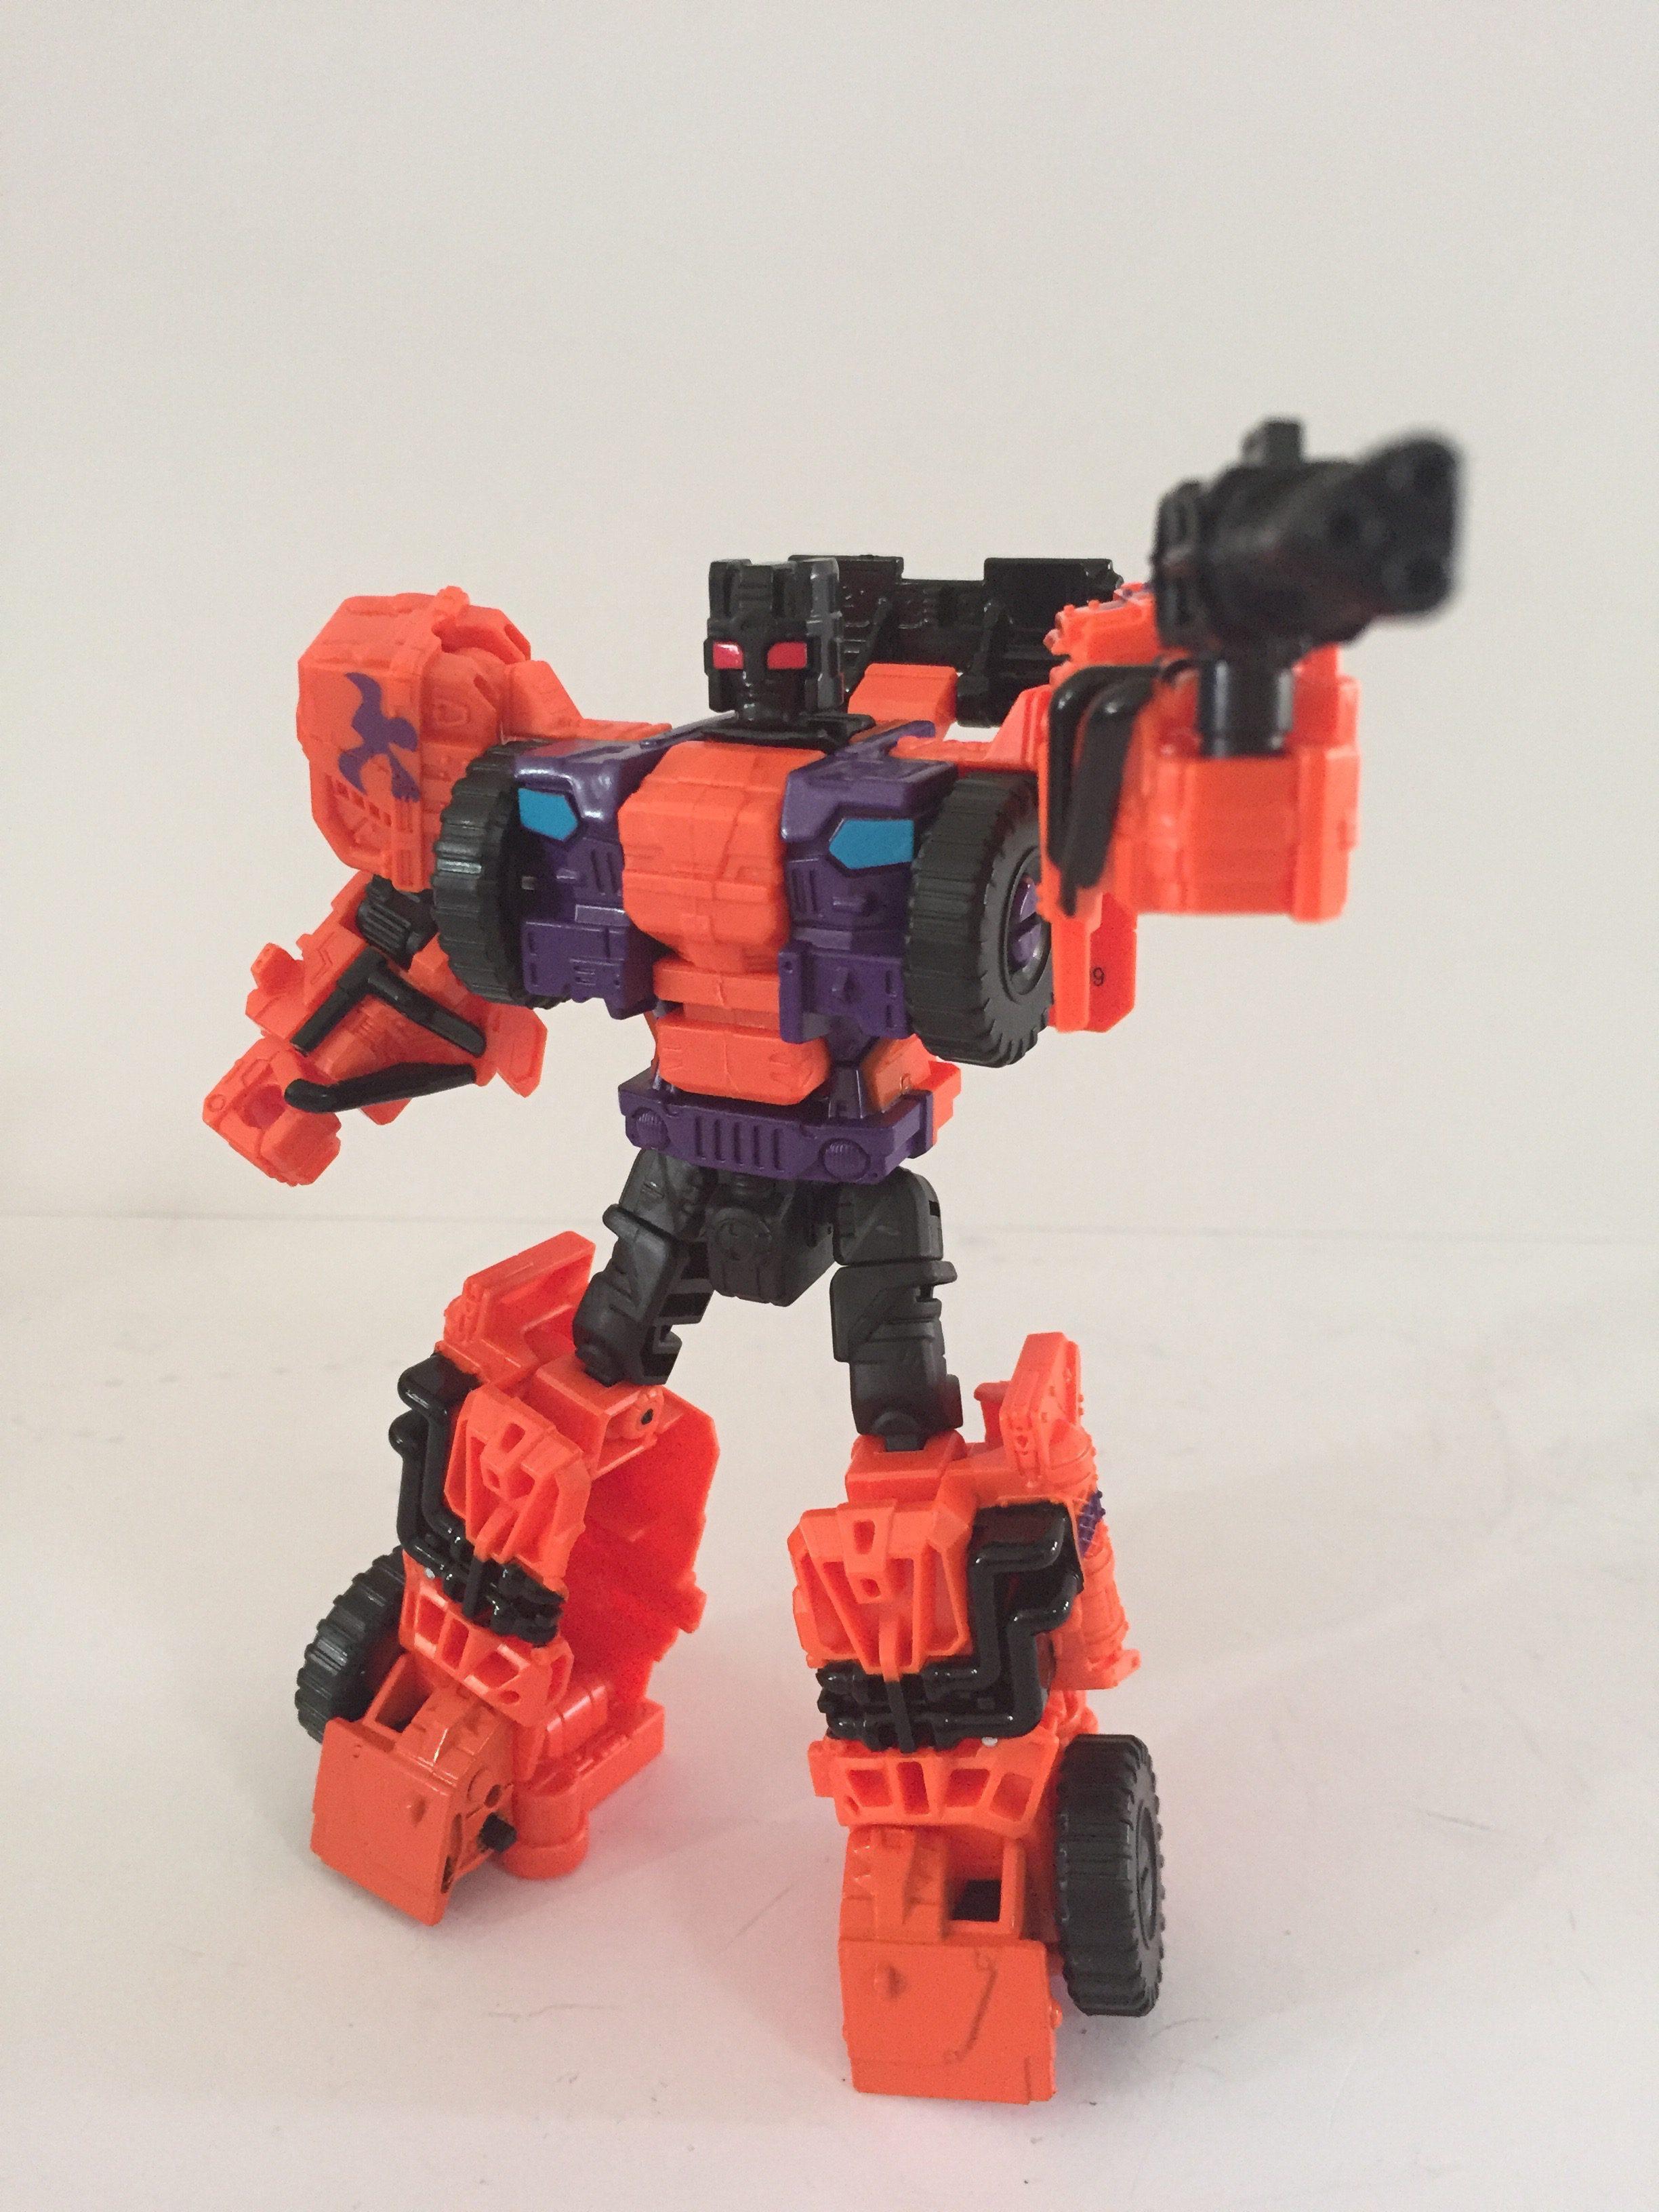 Robot mode. (G2 Swindle)